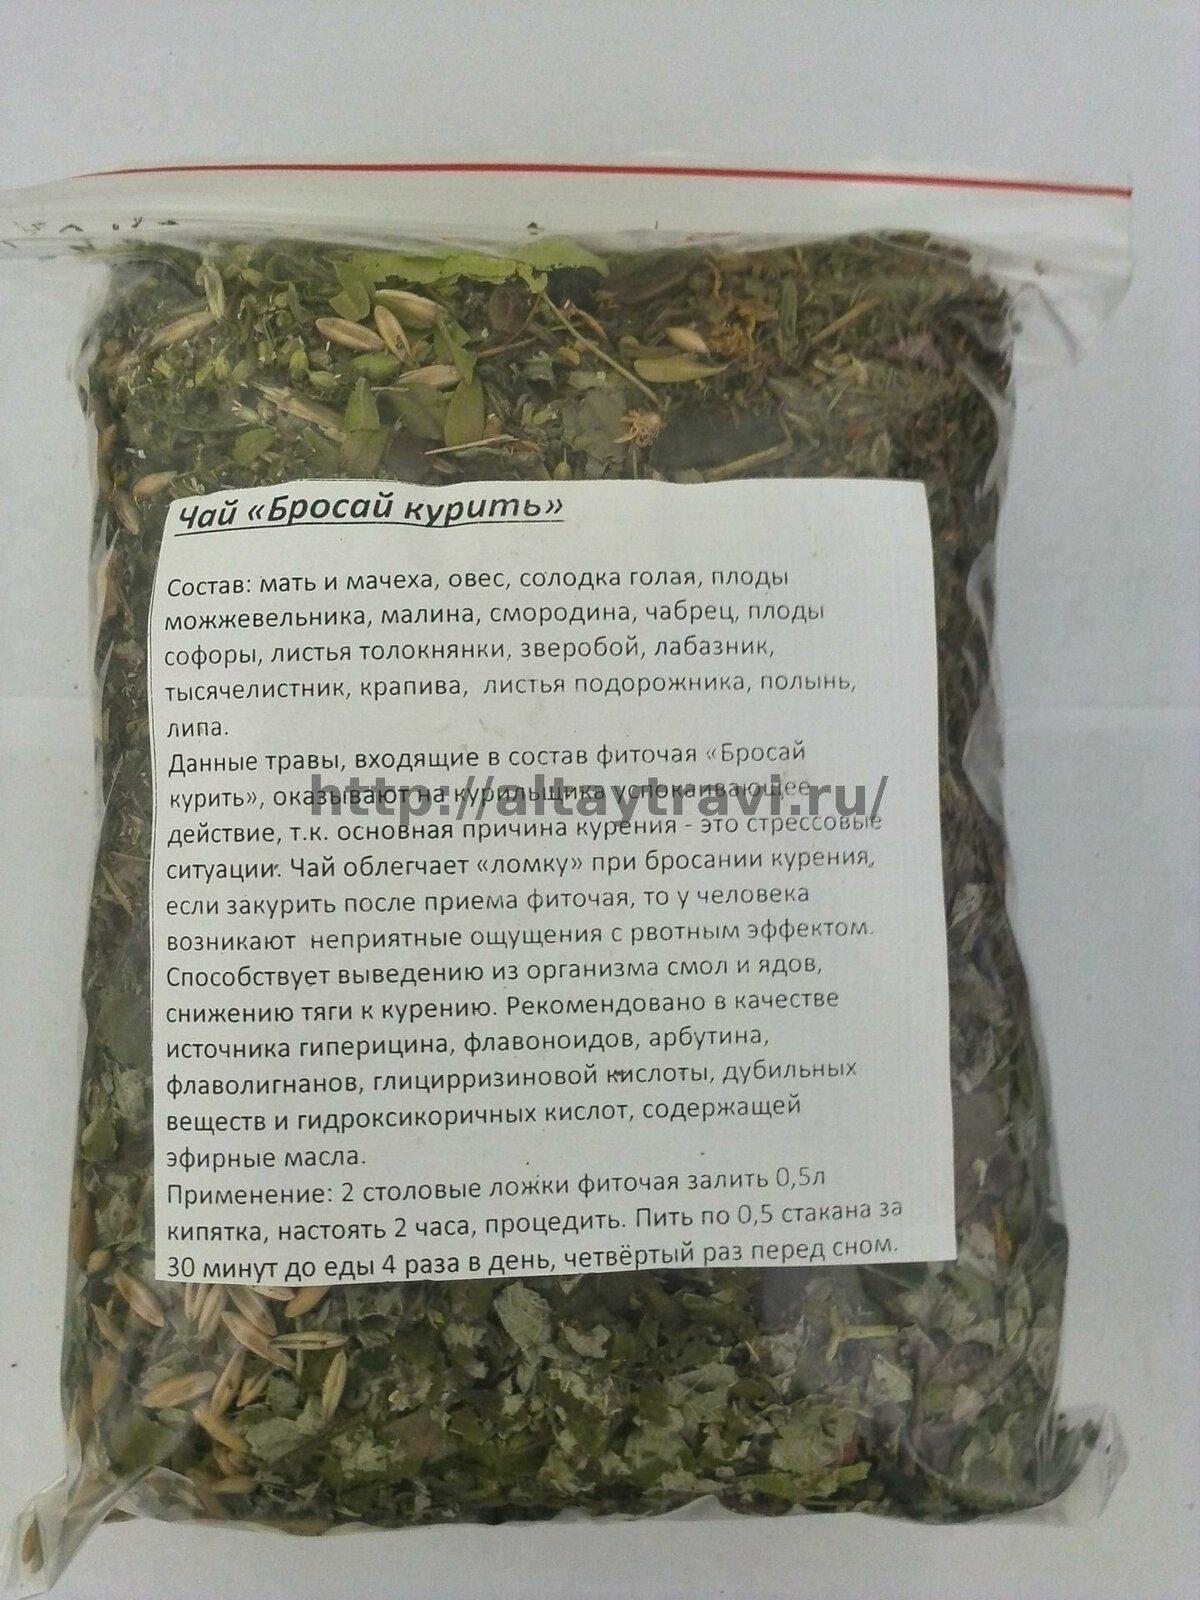 Монастырский чай от курения в Александрии